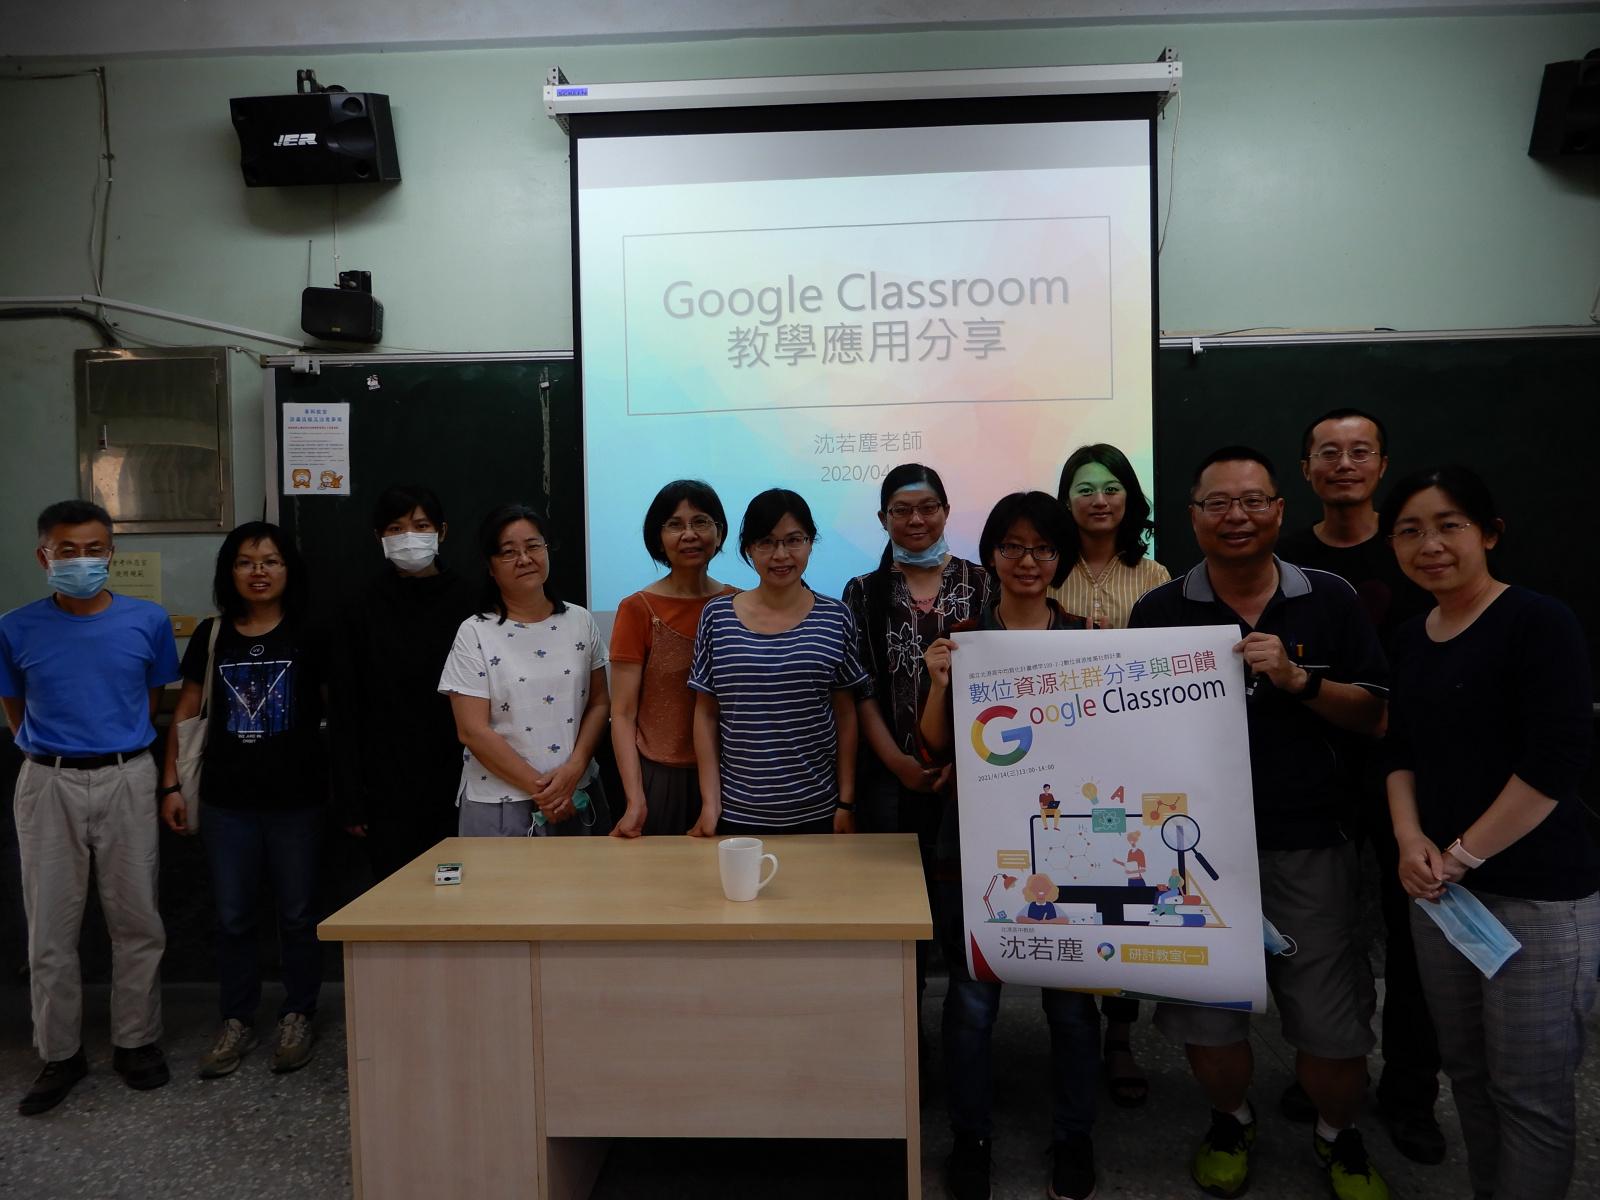 數位資源社群分享與回饋:google classroom